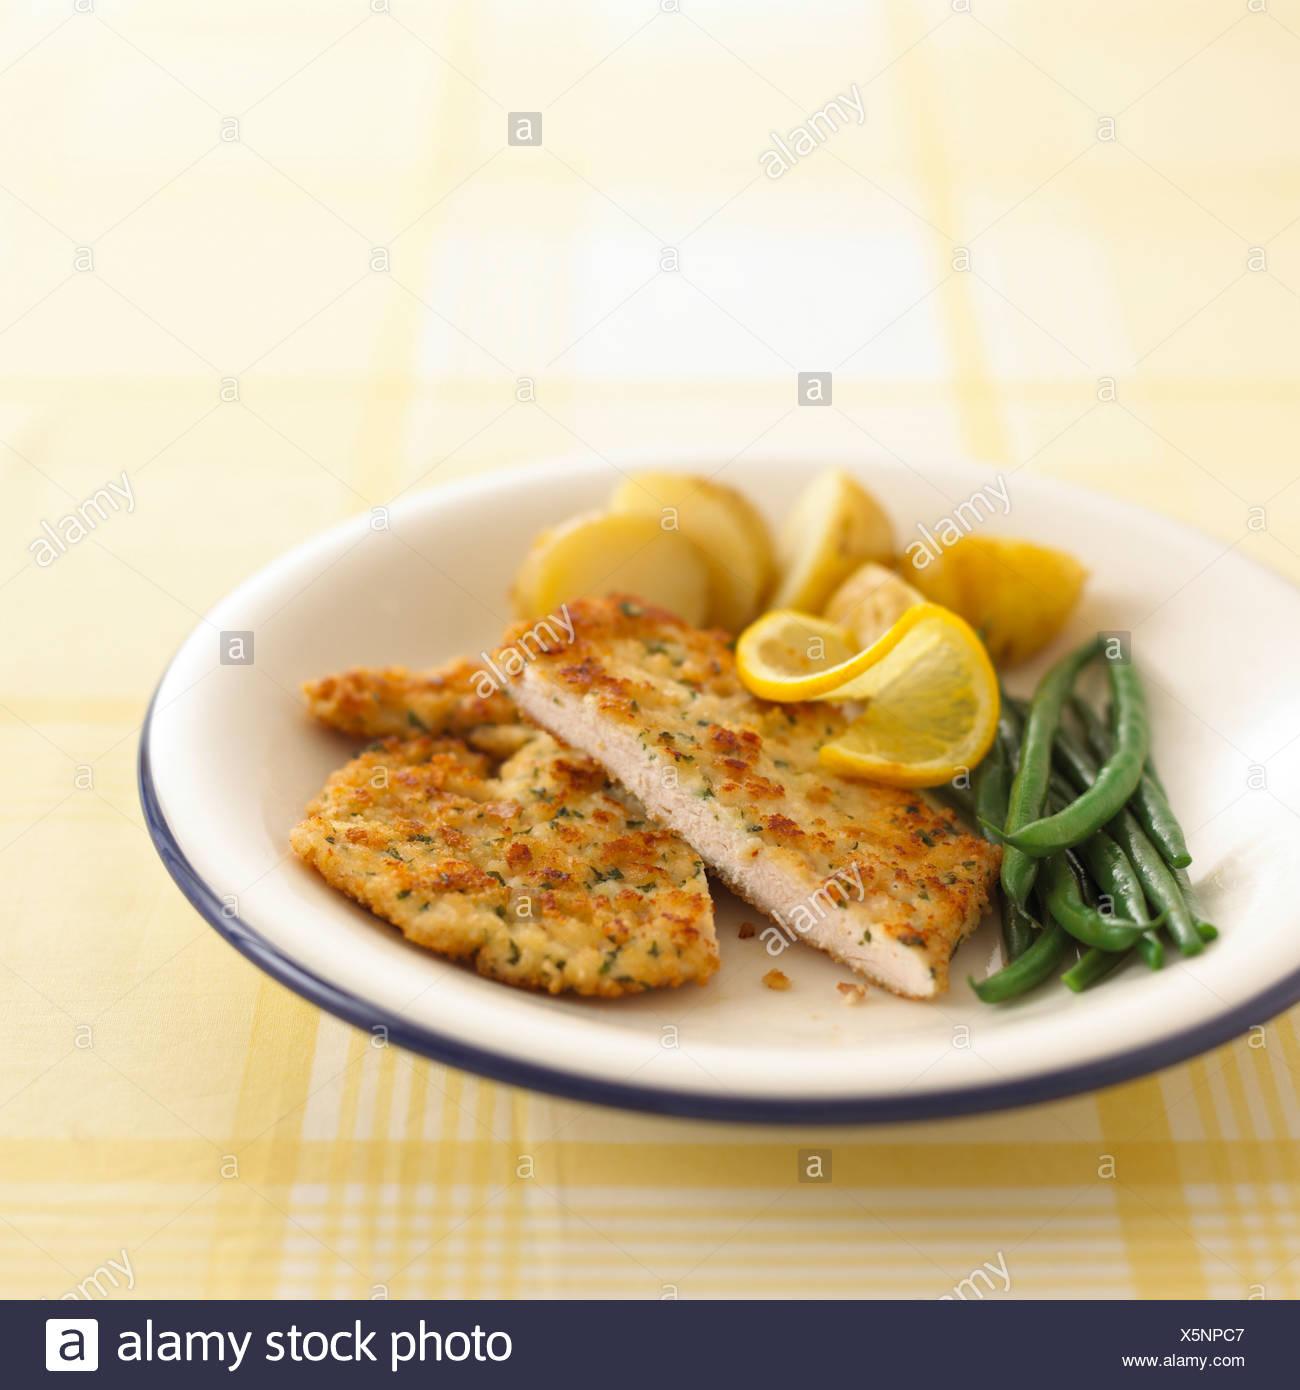 Hähnchen Schnitzel, grüne Bohnen und neuen Kartoffeln auf weißen Teller Stockbild